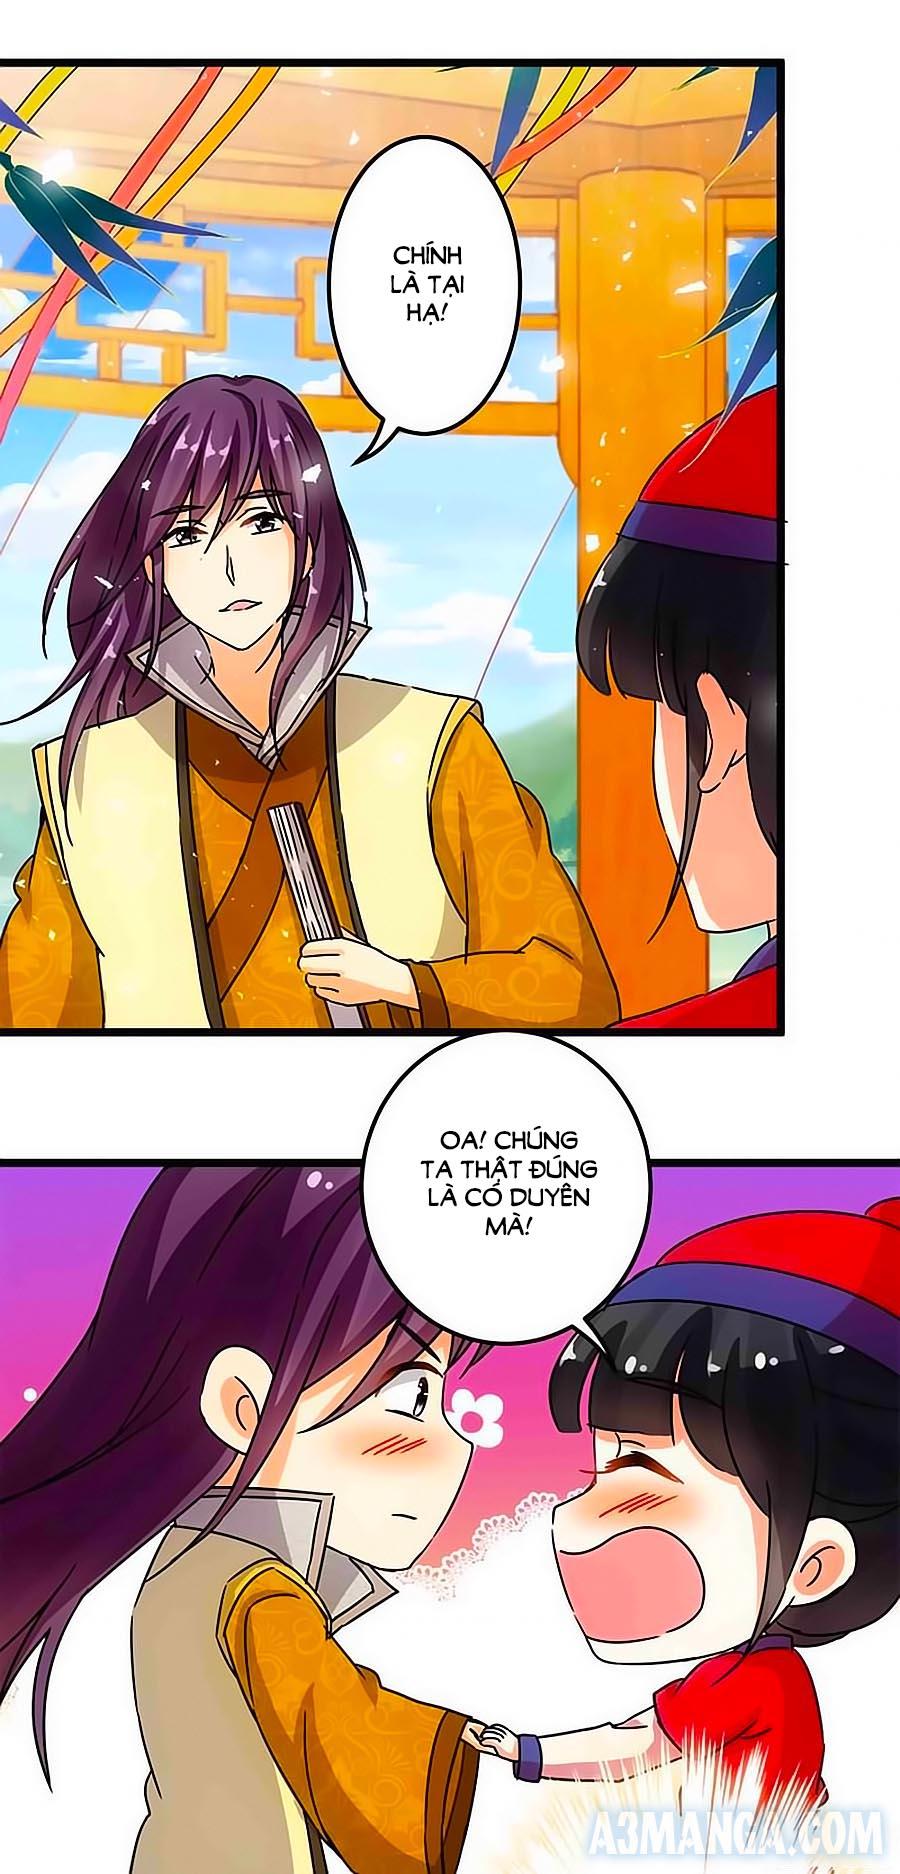 Vương Gia ! Ngươi Thật Bỉ Ổi ! chap 63 - Trang 18